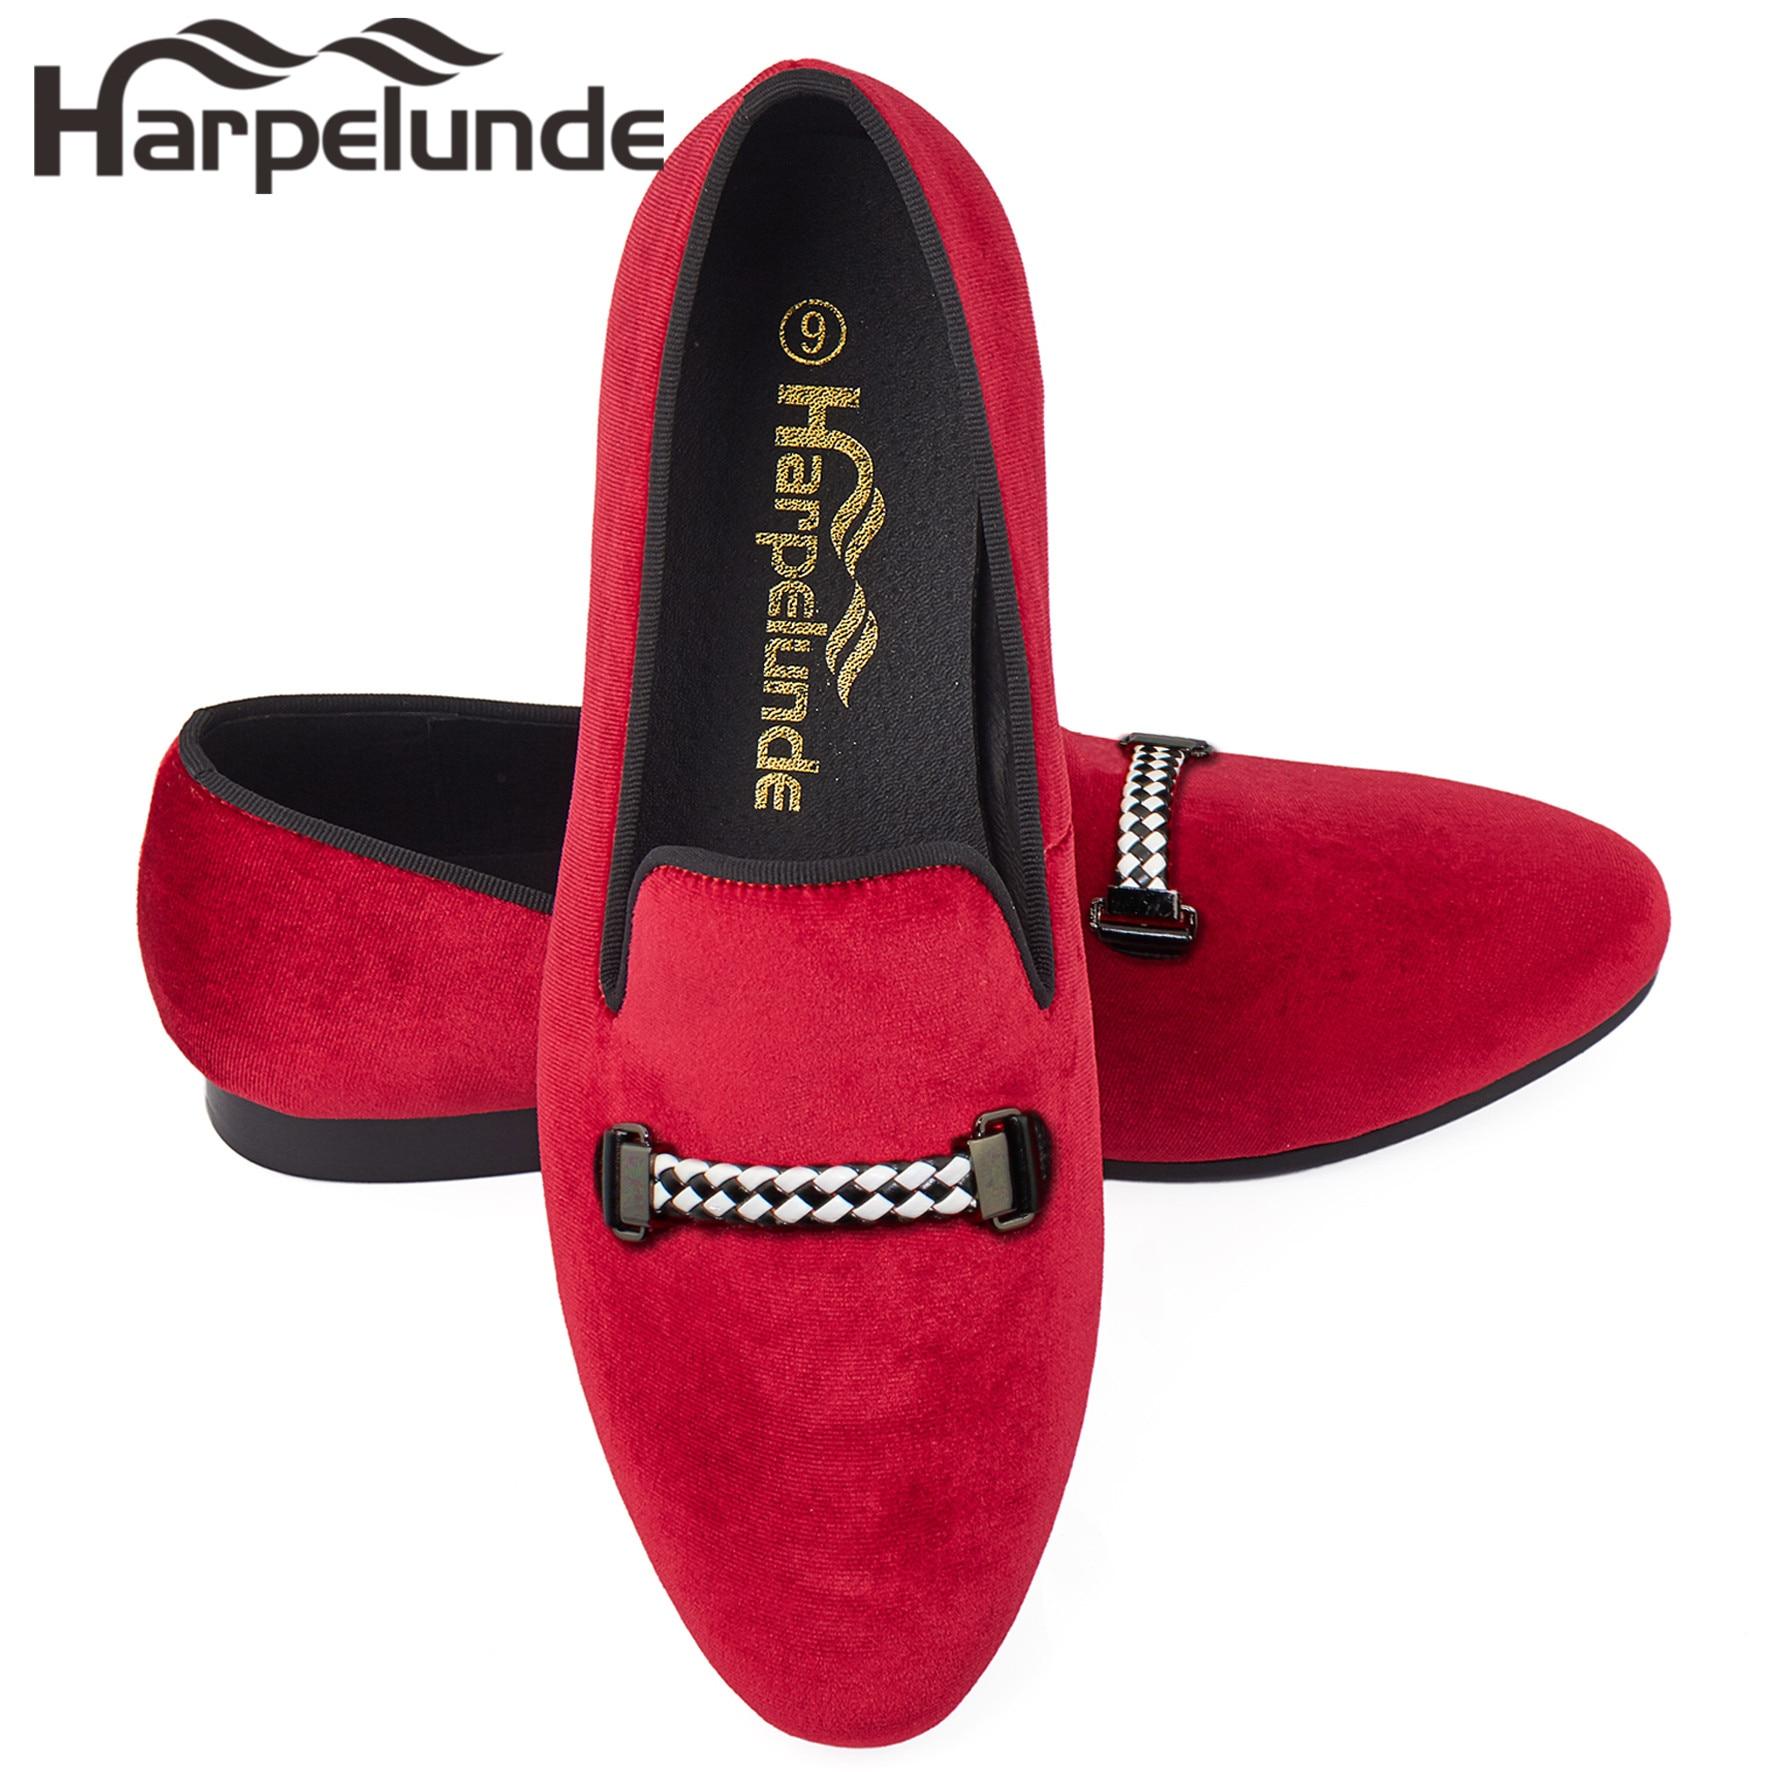 Harpelunde Men Loafer Shoes Buckle Red Velvet Flats